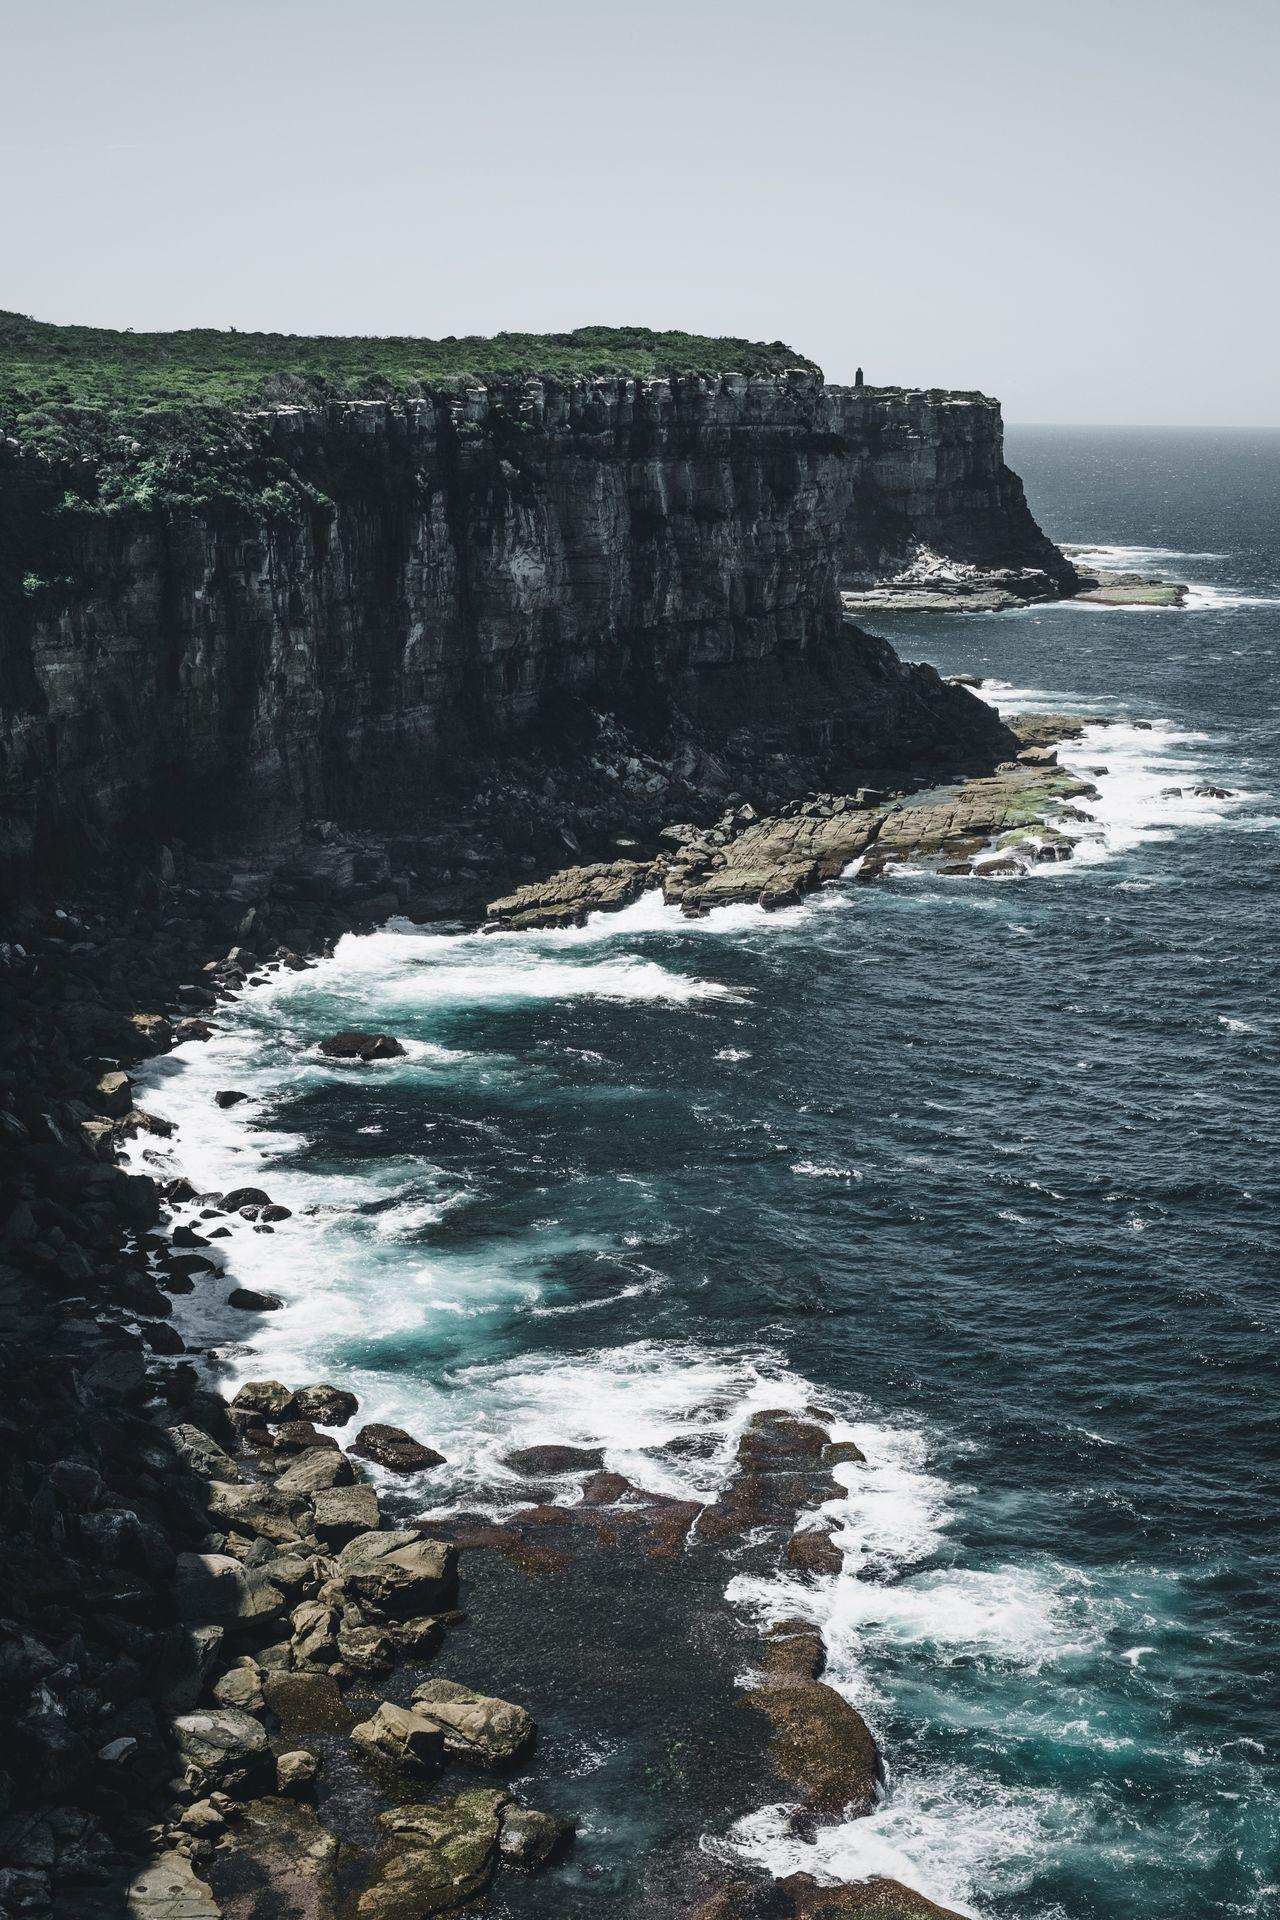 Edge Of The World North Head, Australia Cliffs Ocean View